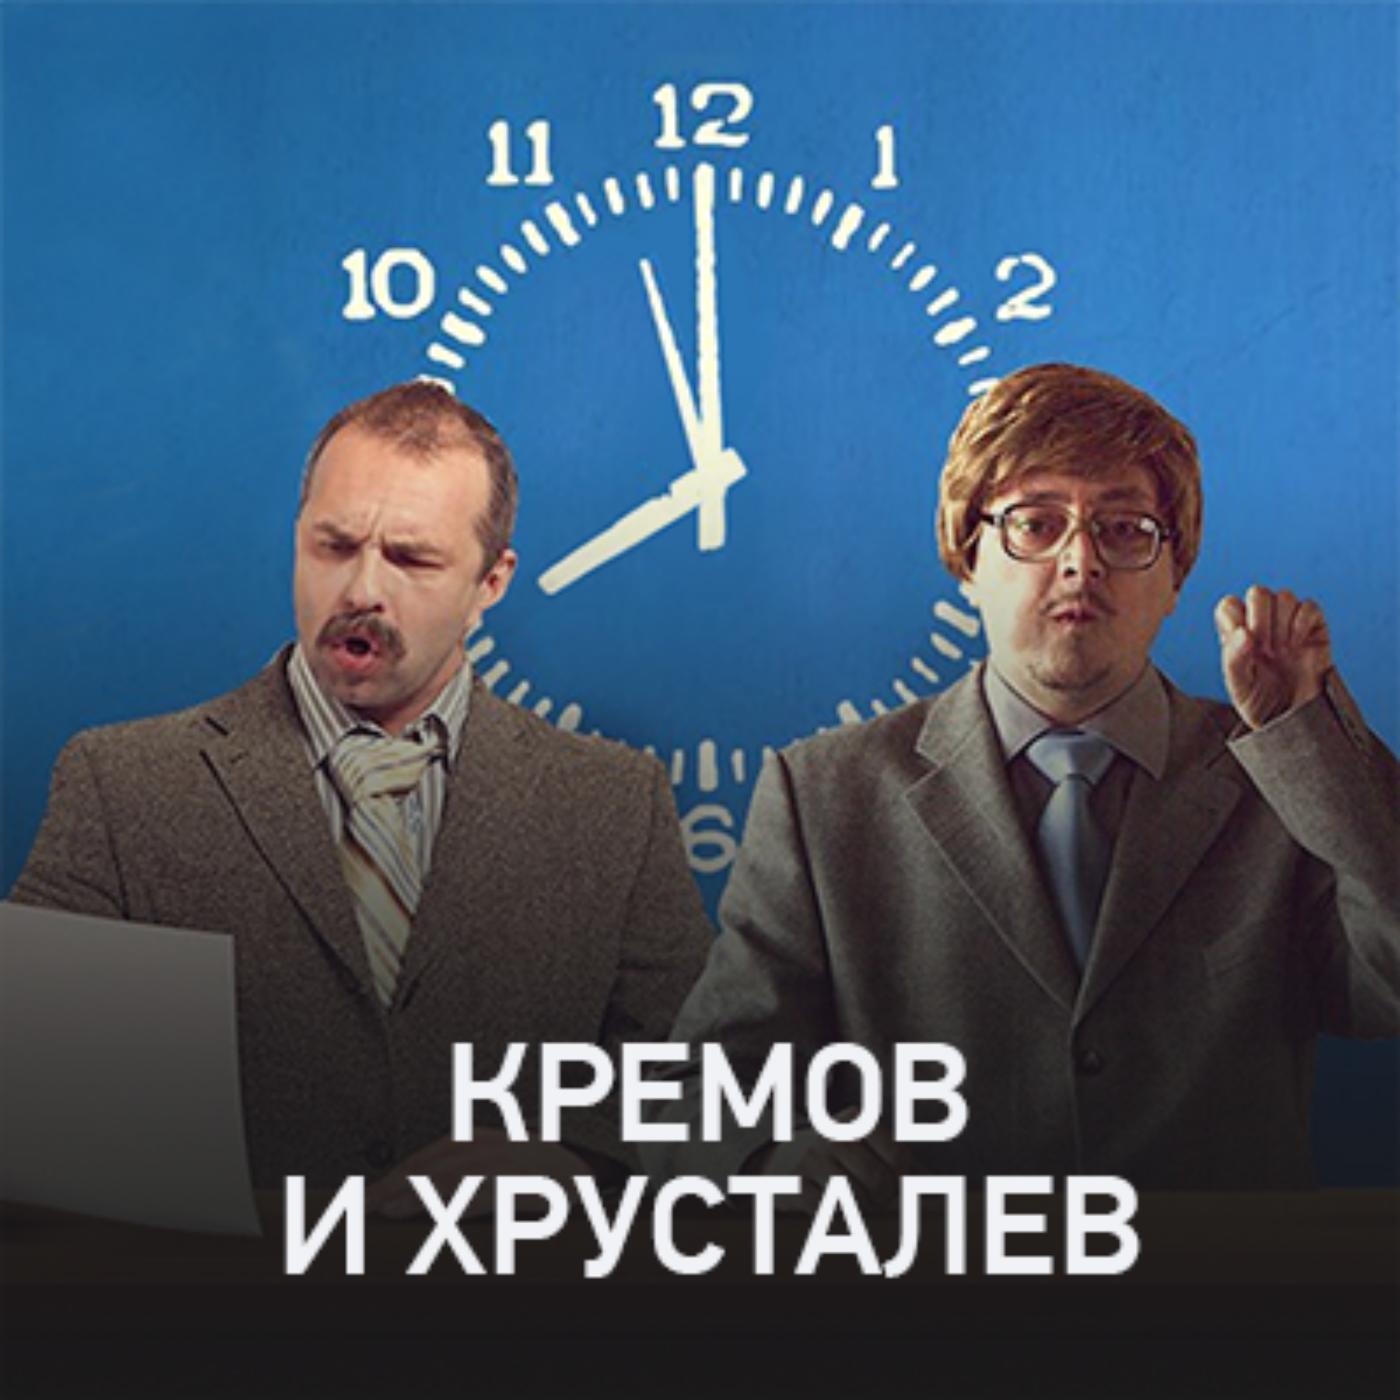 Кремов и Хрусталев @ Radio Record #2597 (24-09-2021)